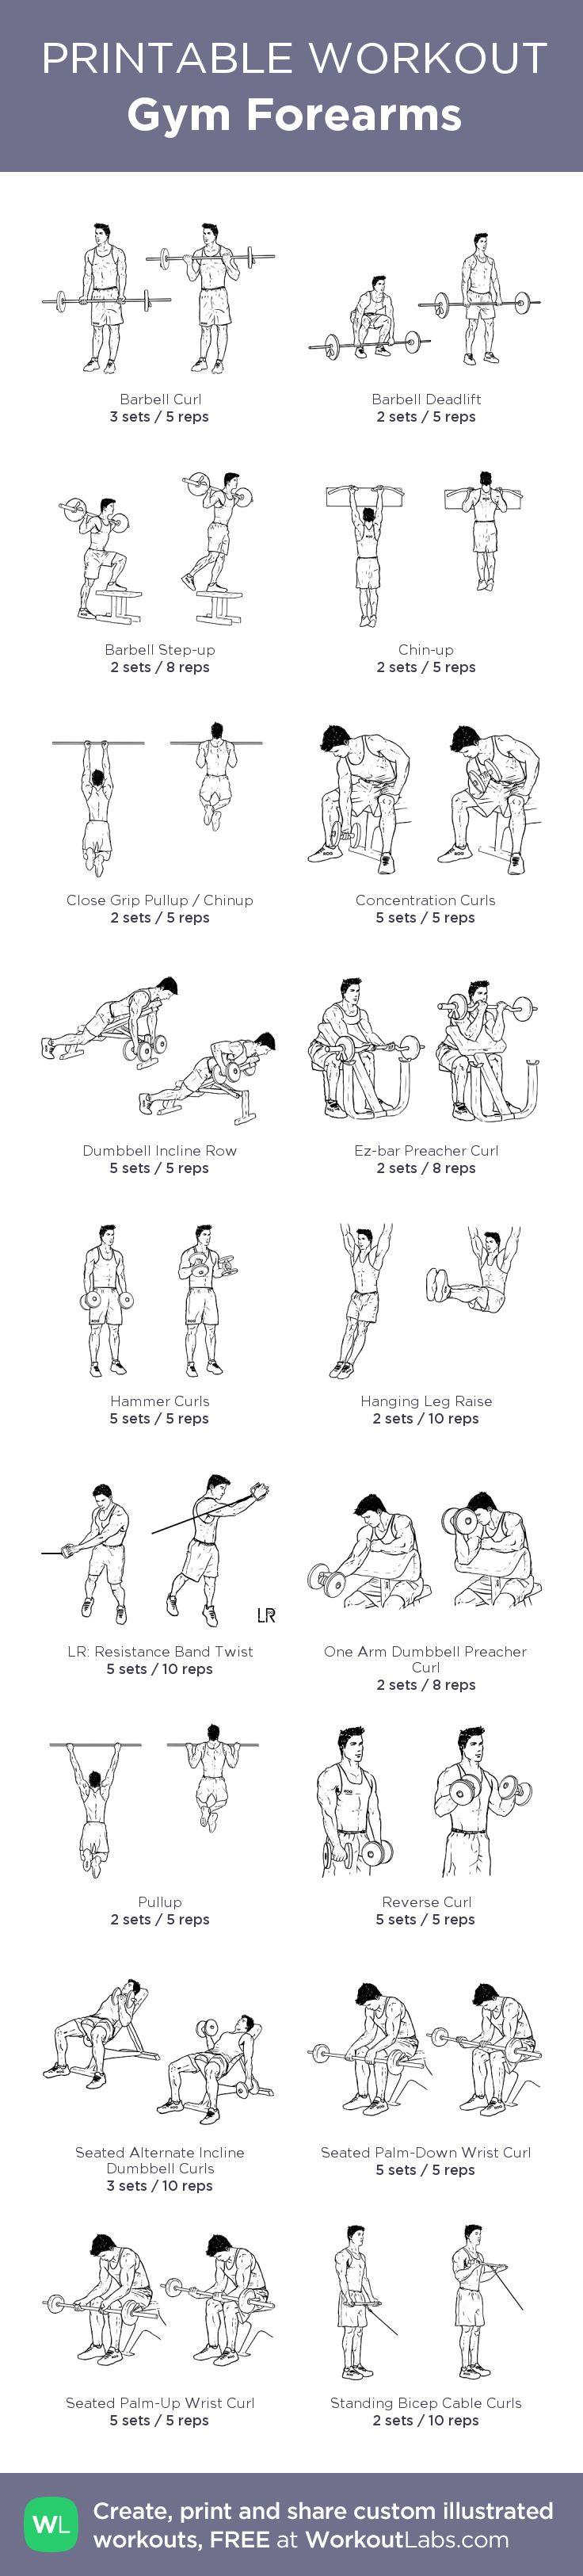 Gym Forearms